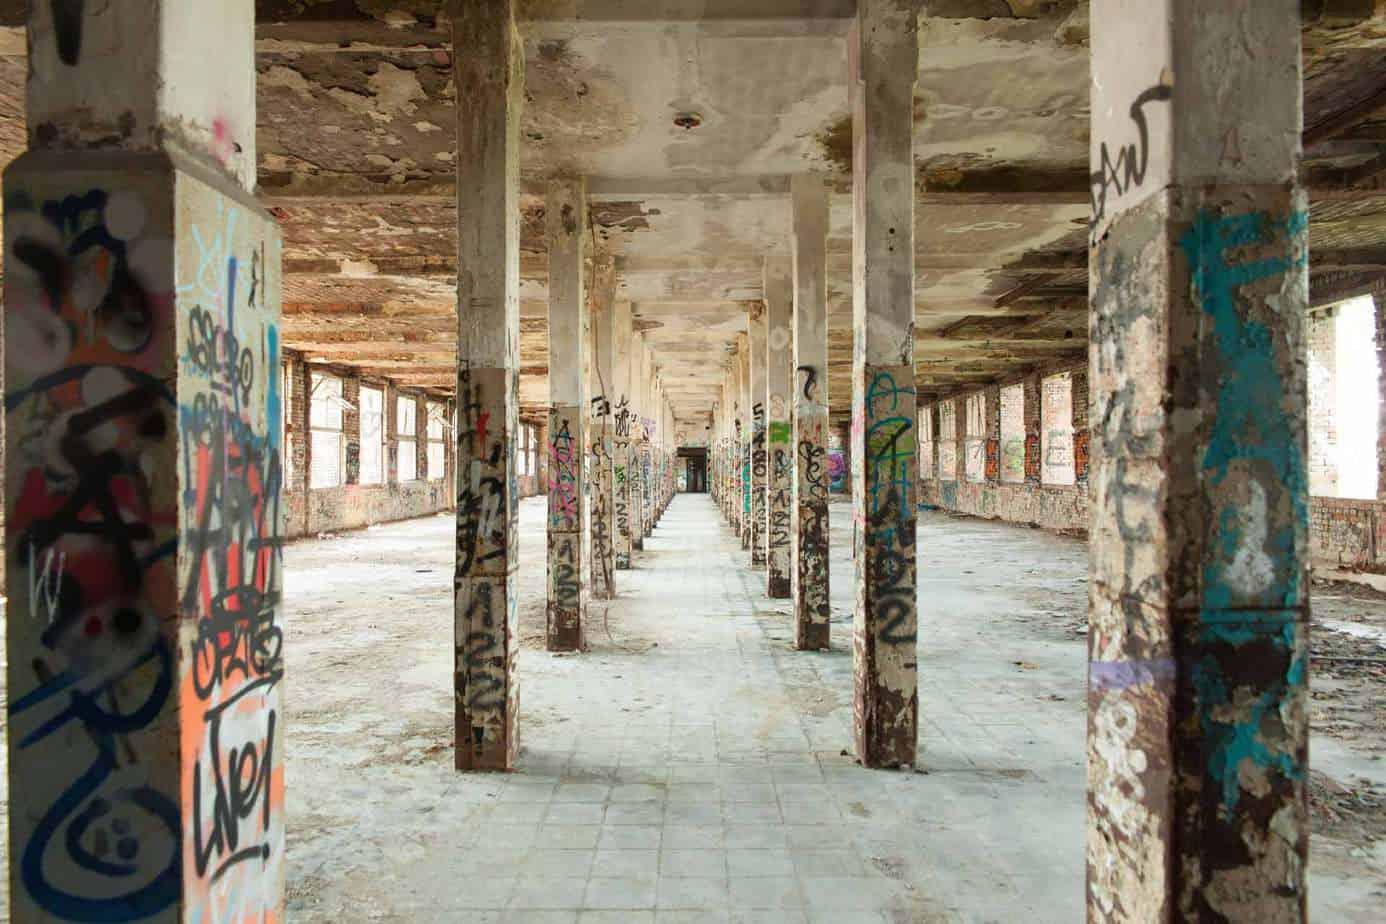 Ein Blick ins Innere der Ruinen.